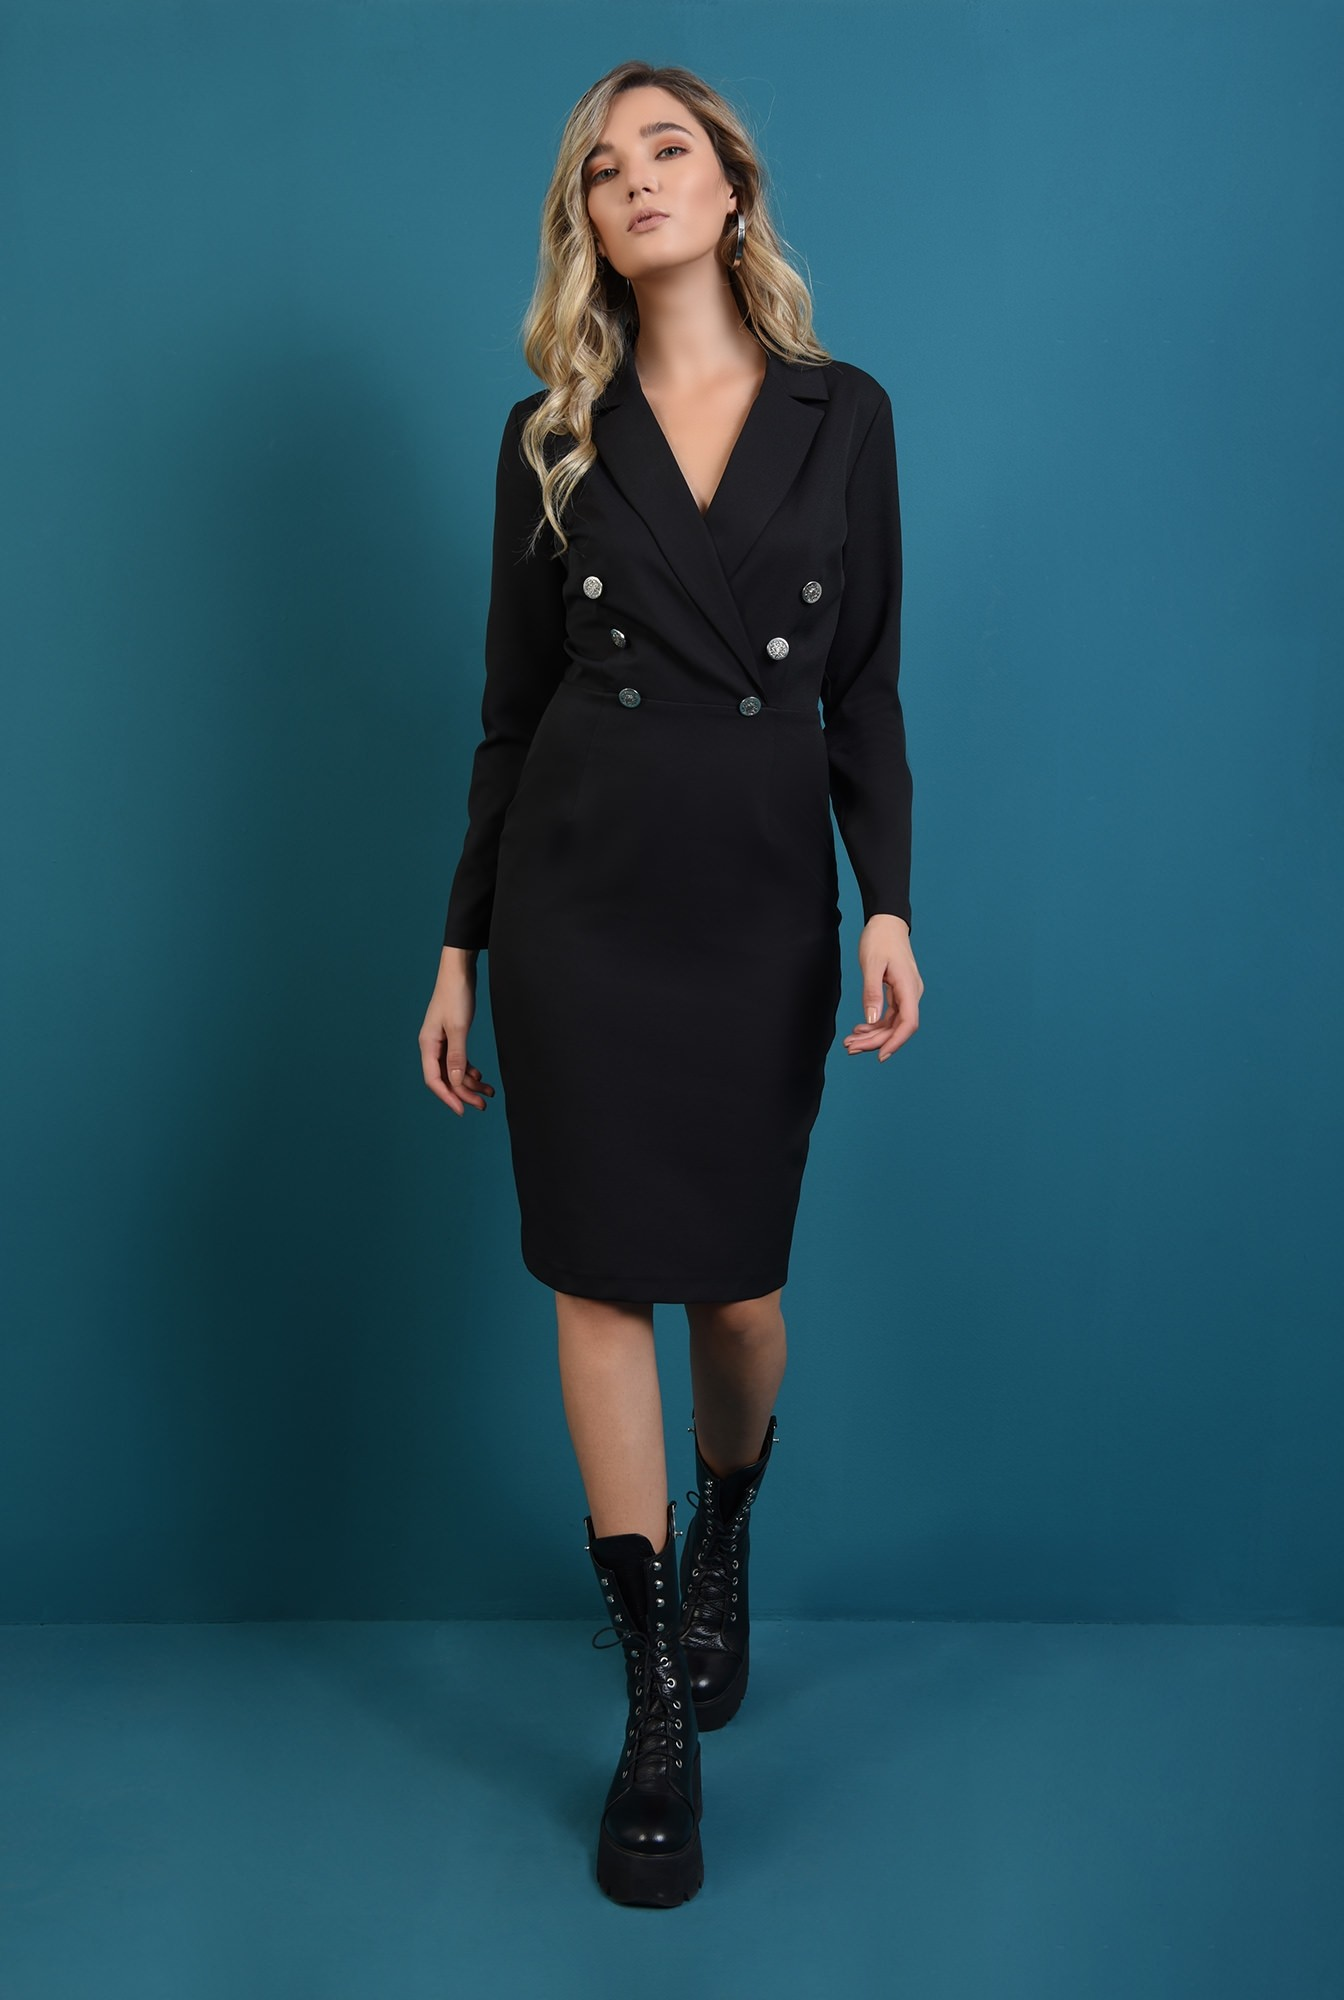 0 - rochie tip blazer, cu maneca lunga, cu slit la spate